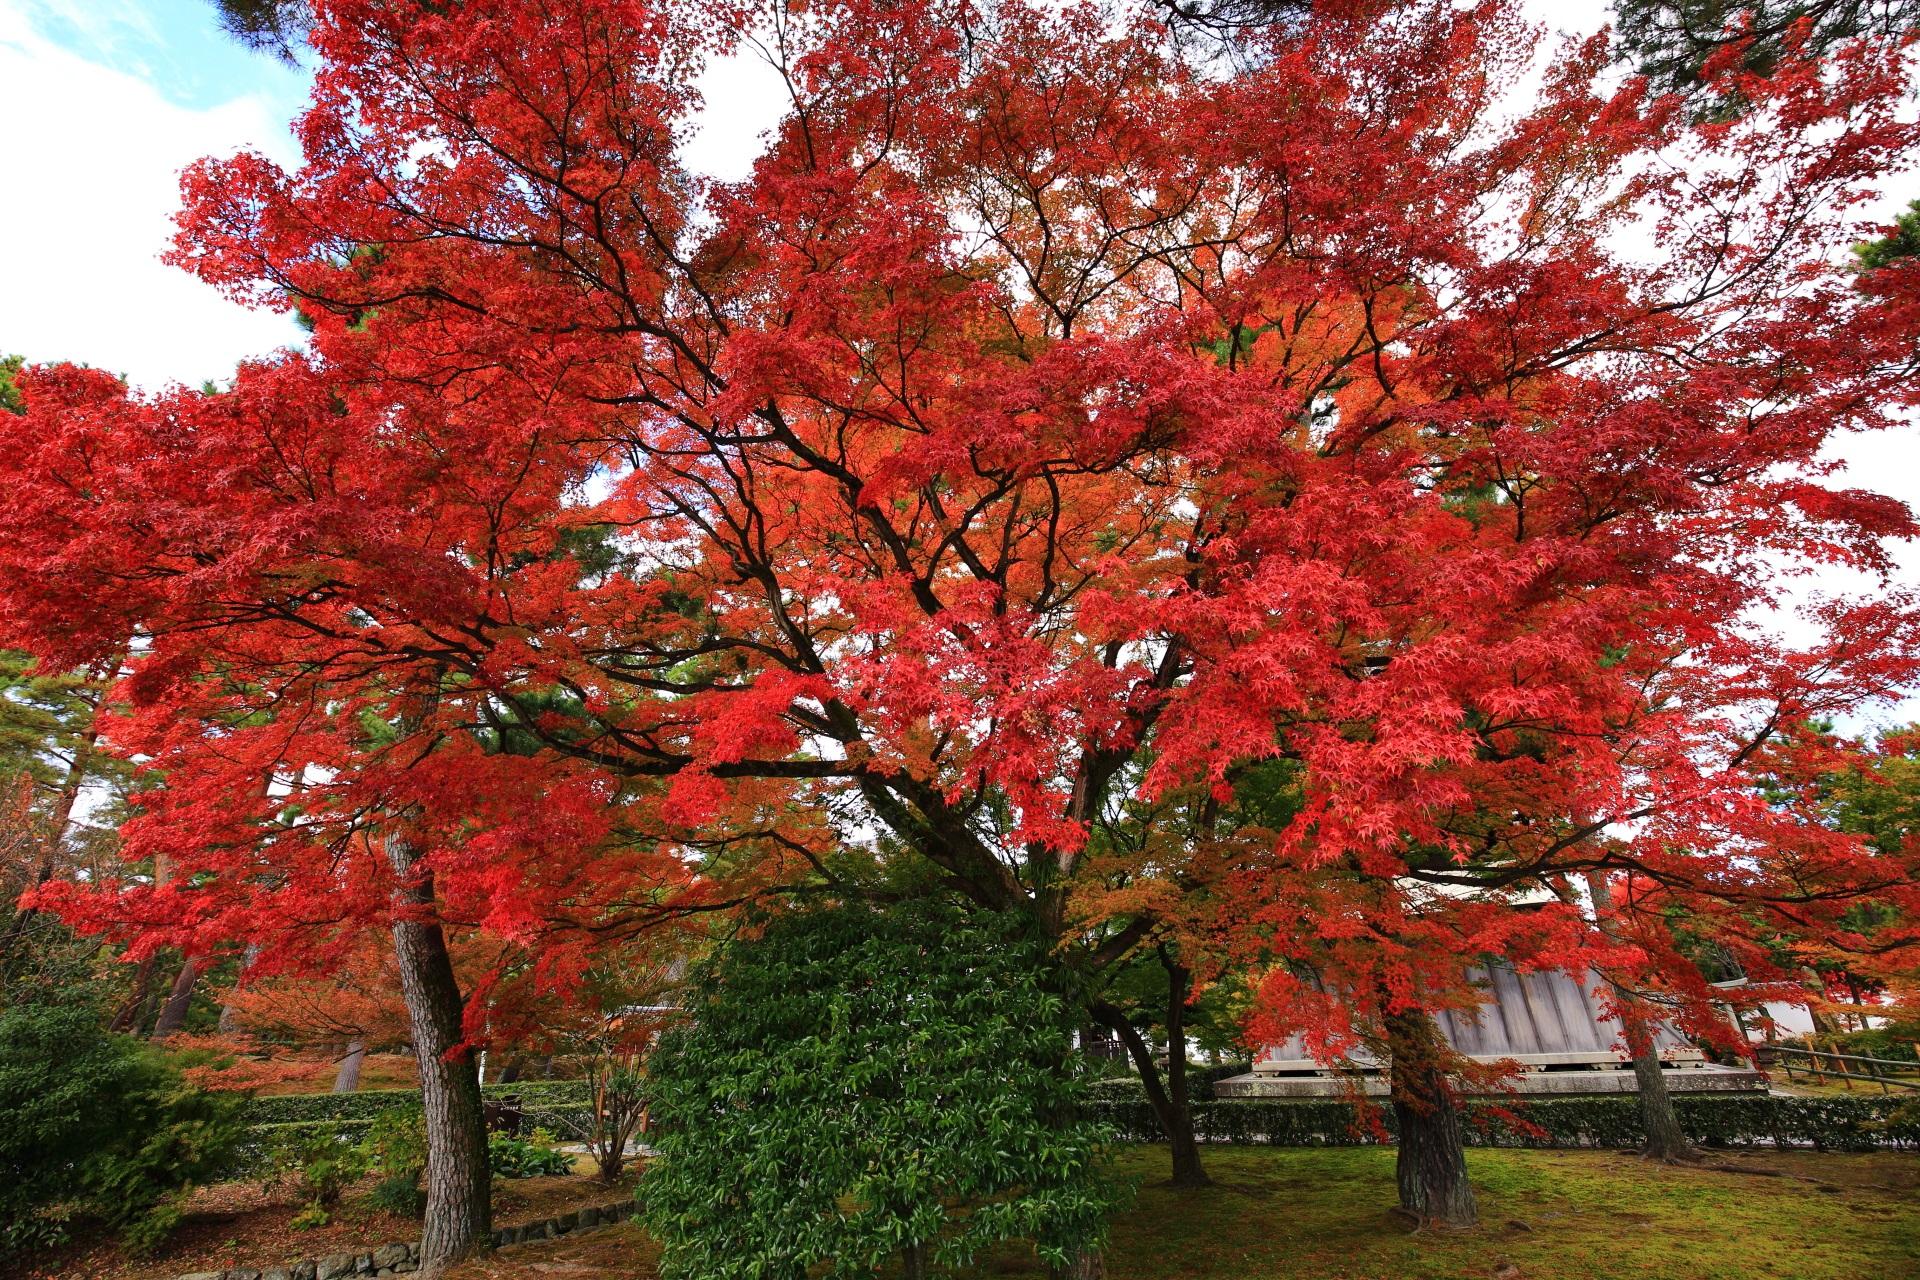 鐘楼と空を彩る圧巻の紅葉